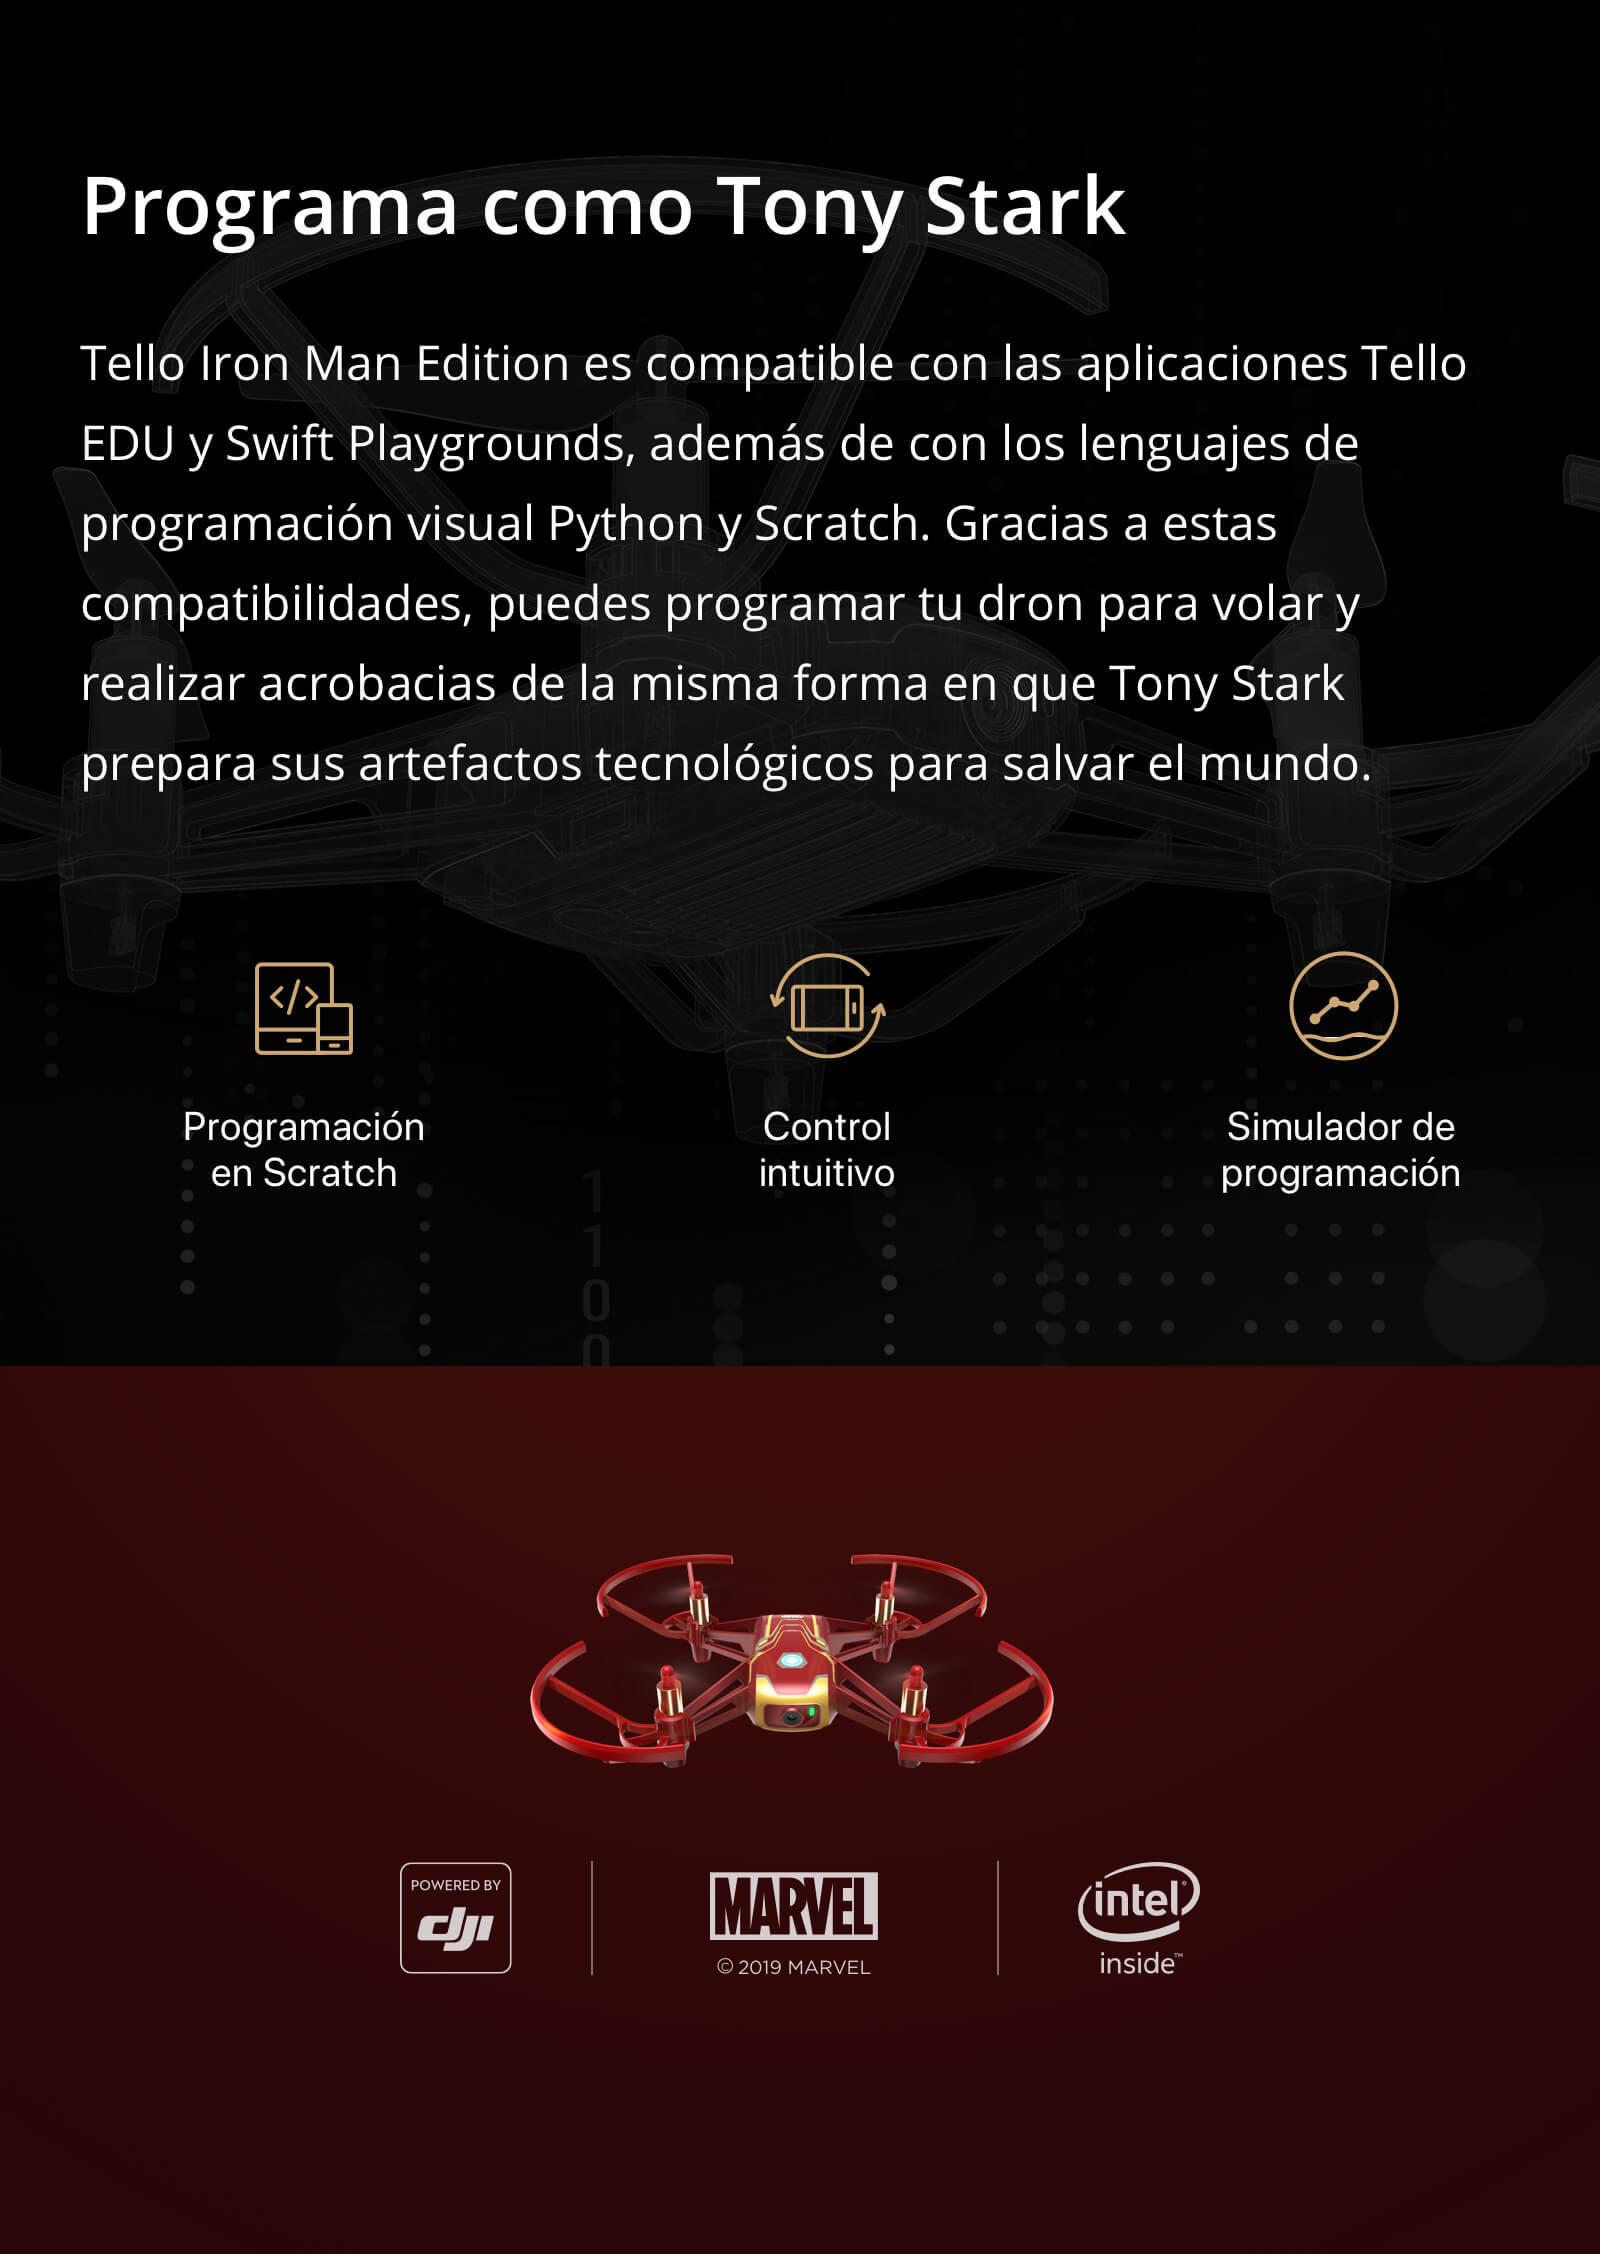 Tello_Iron_Man_Edition_stockrc4